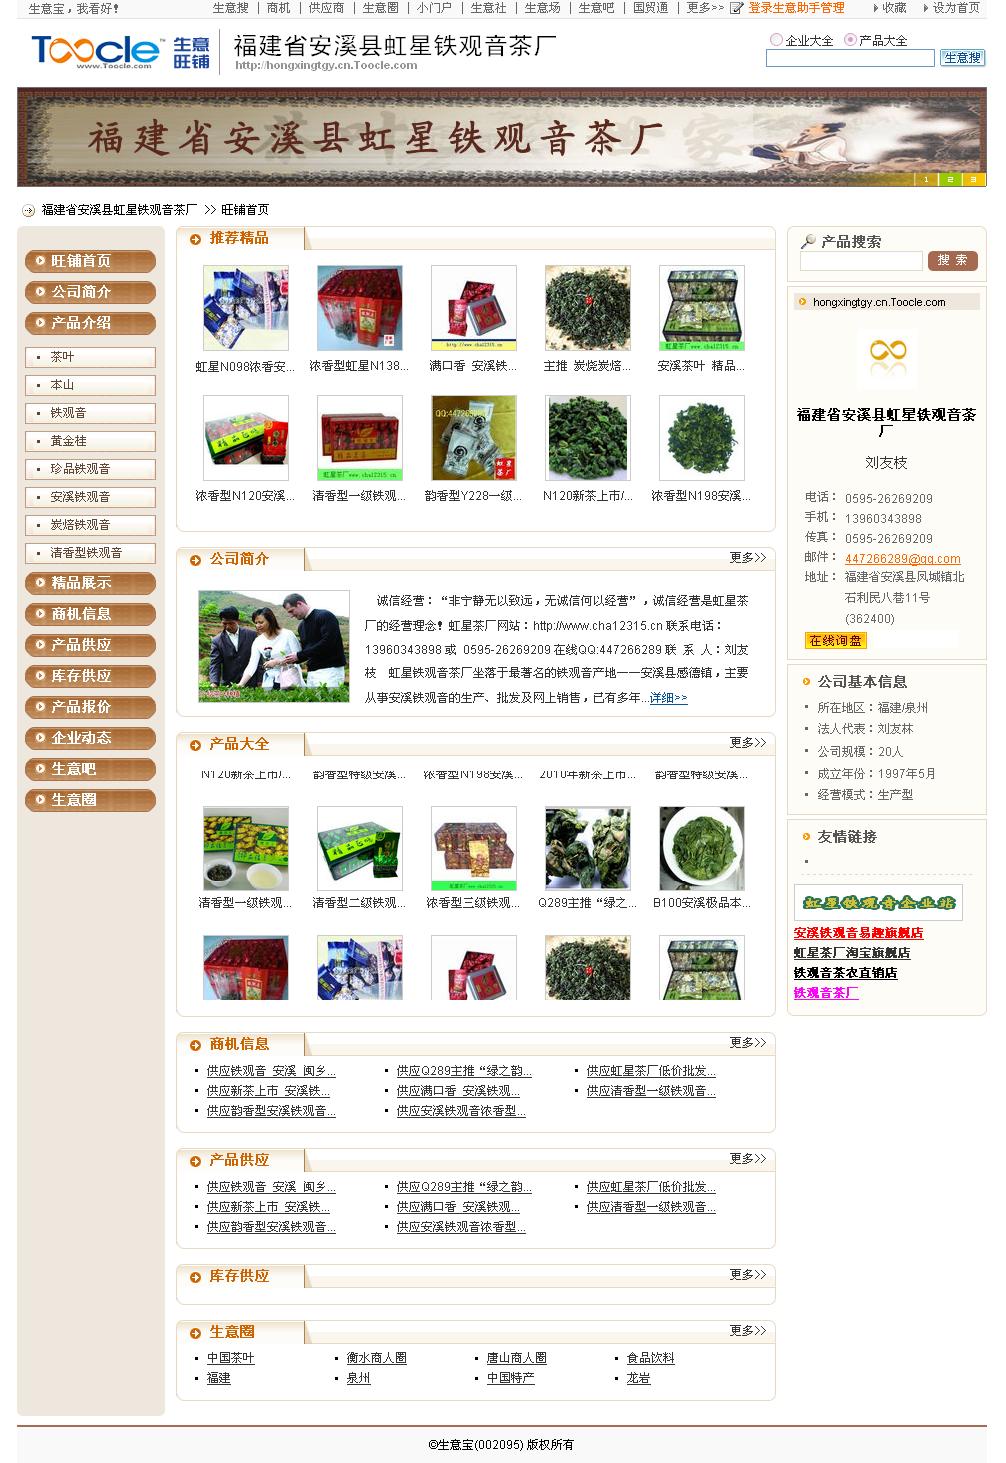 福建省安溪县虹星铁观音茶厂